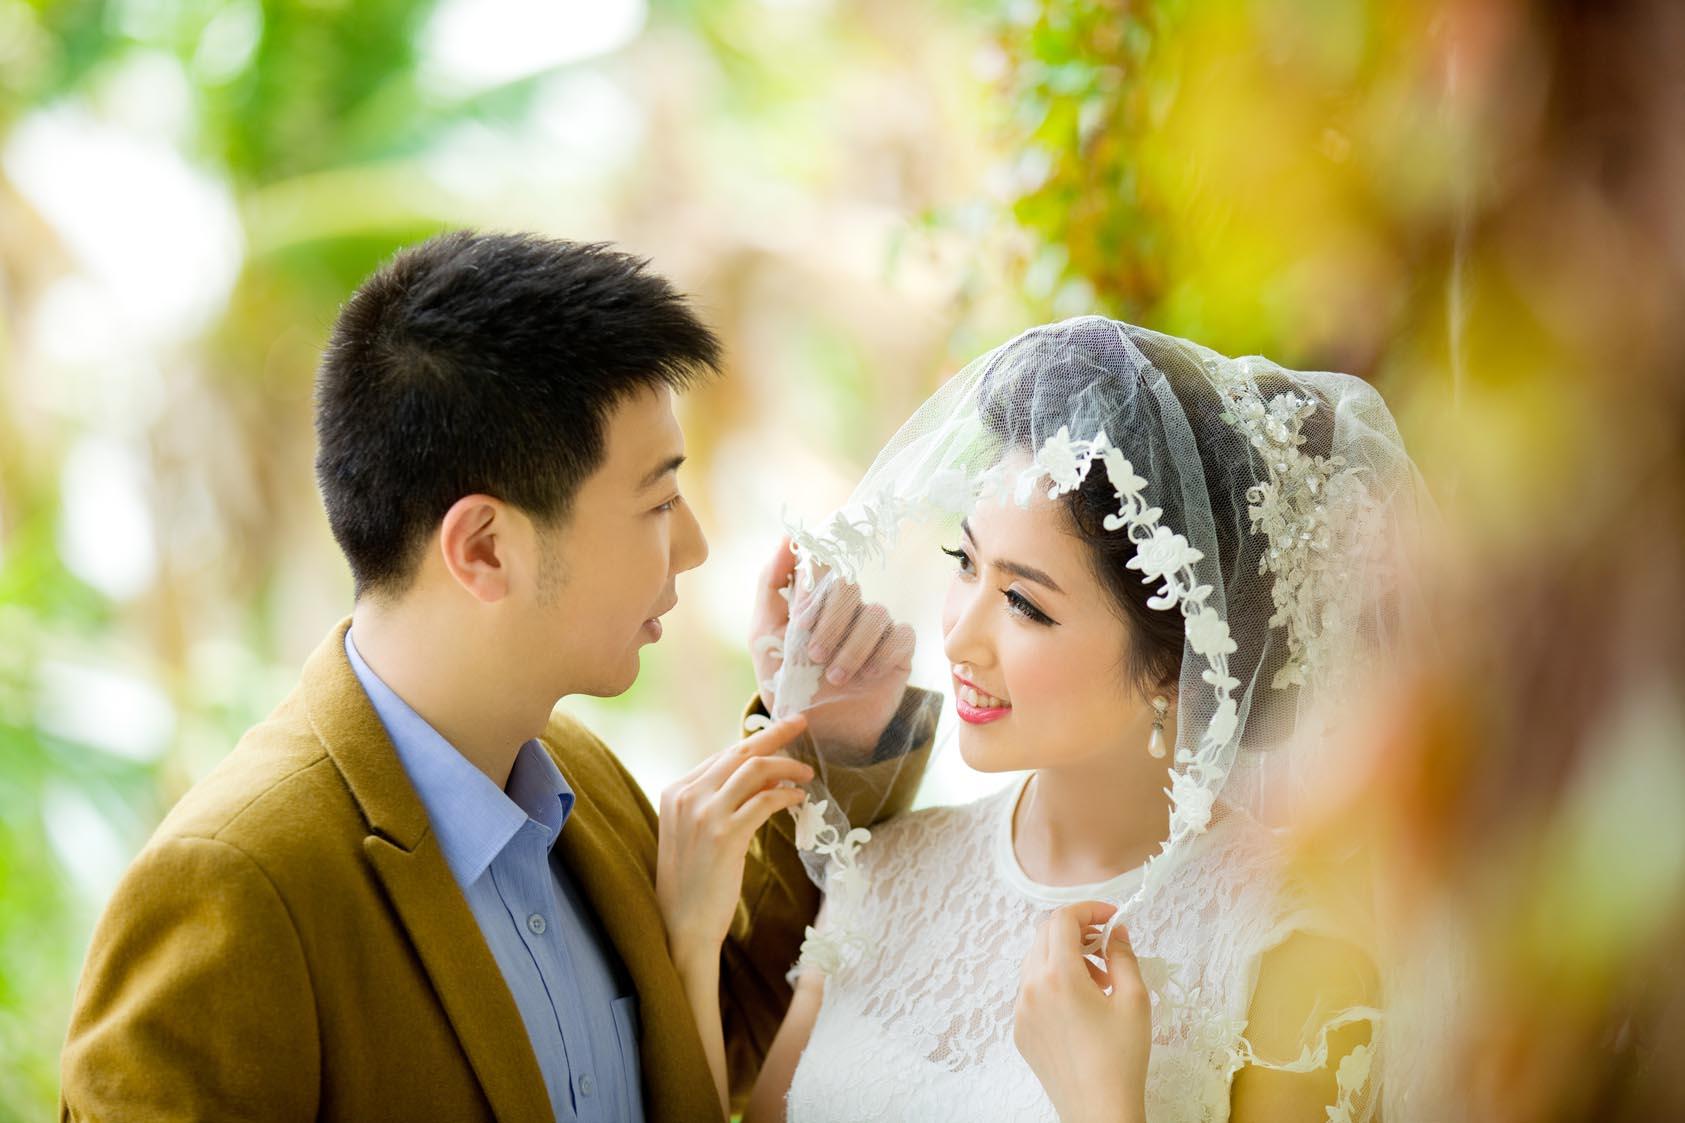 三亚旅游婚纱照,要爱就爱到天涯海角